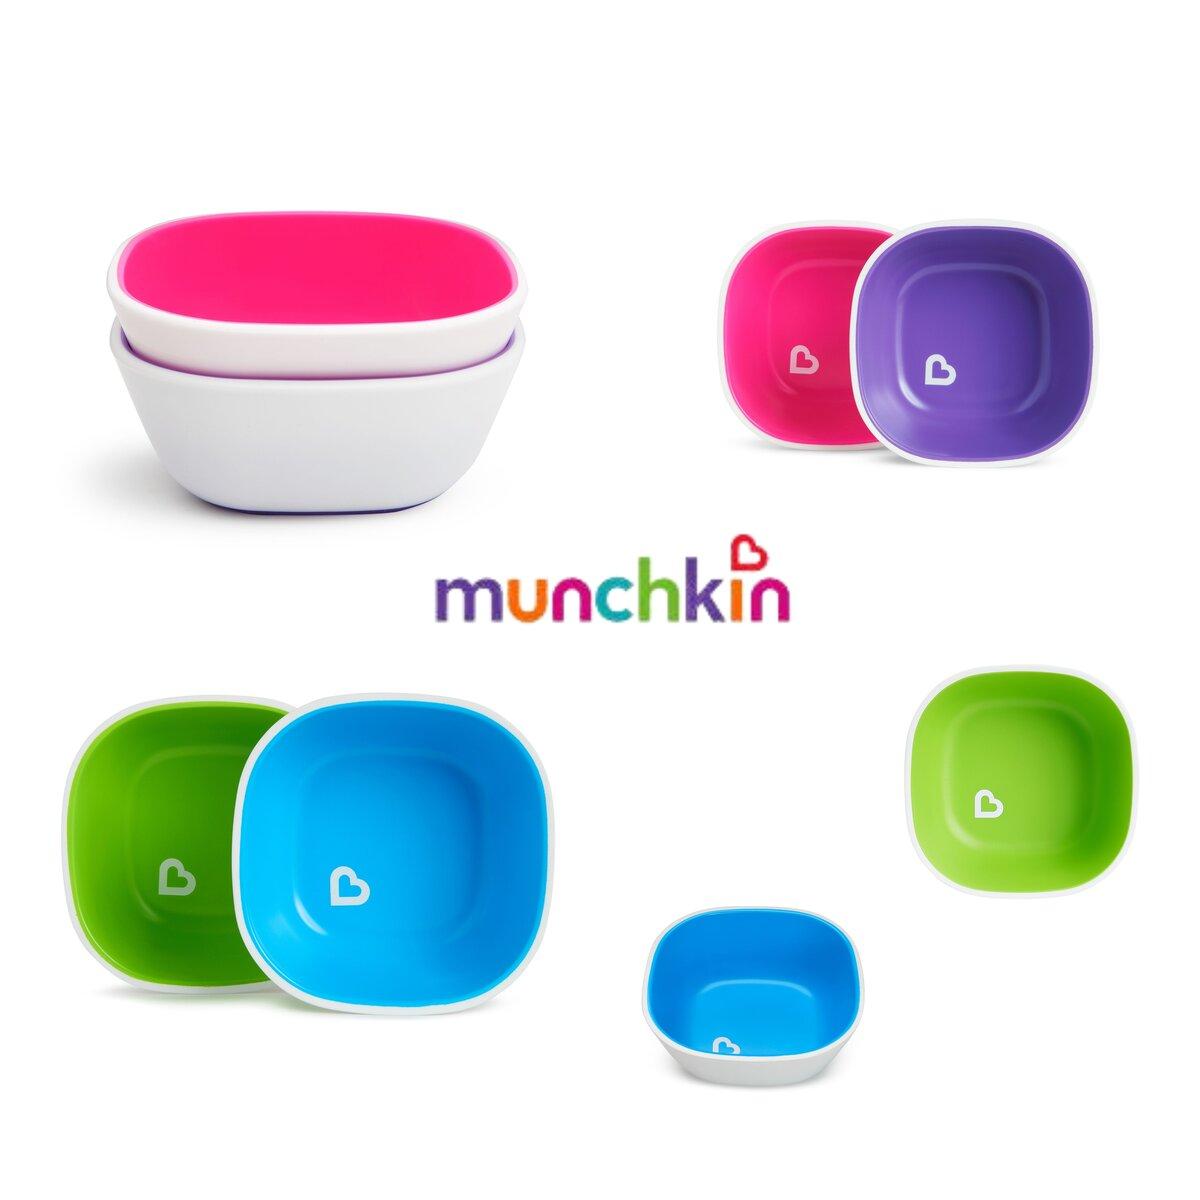 Conjunto de Tigelas 2 unidades Munchkin - Livre de BPA